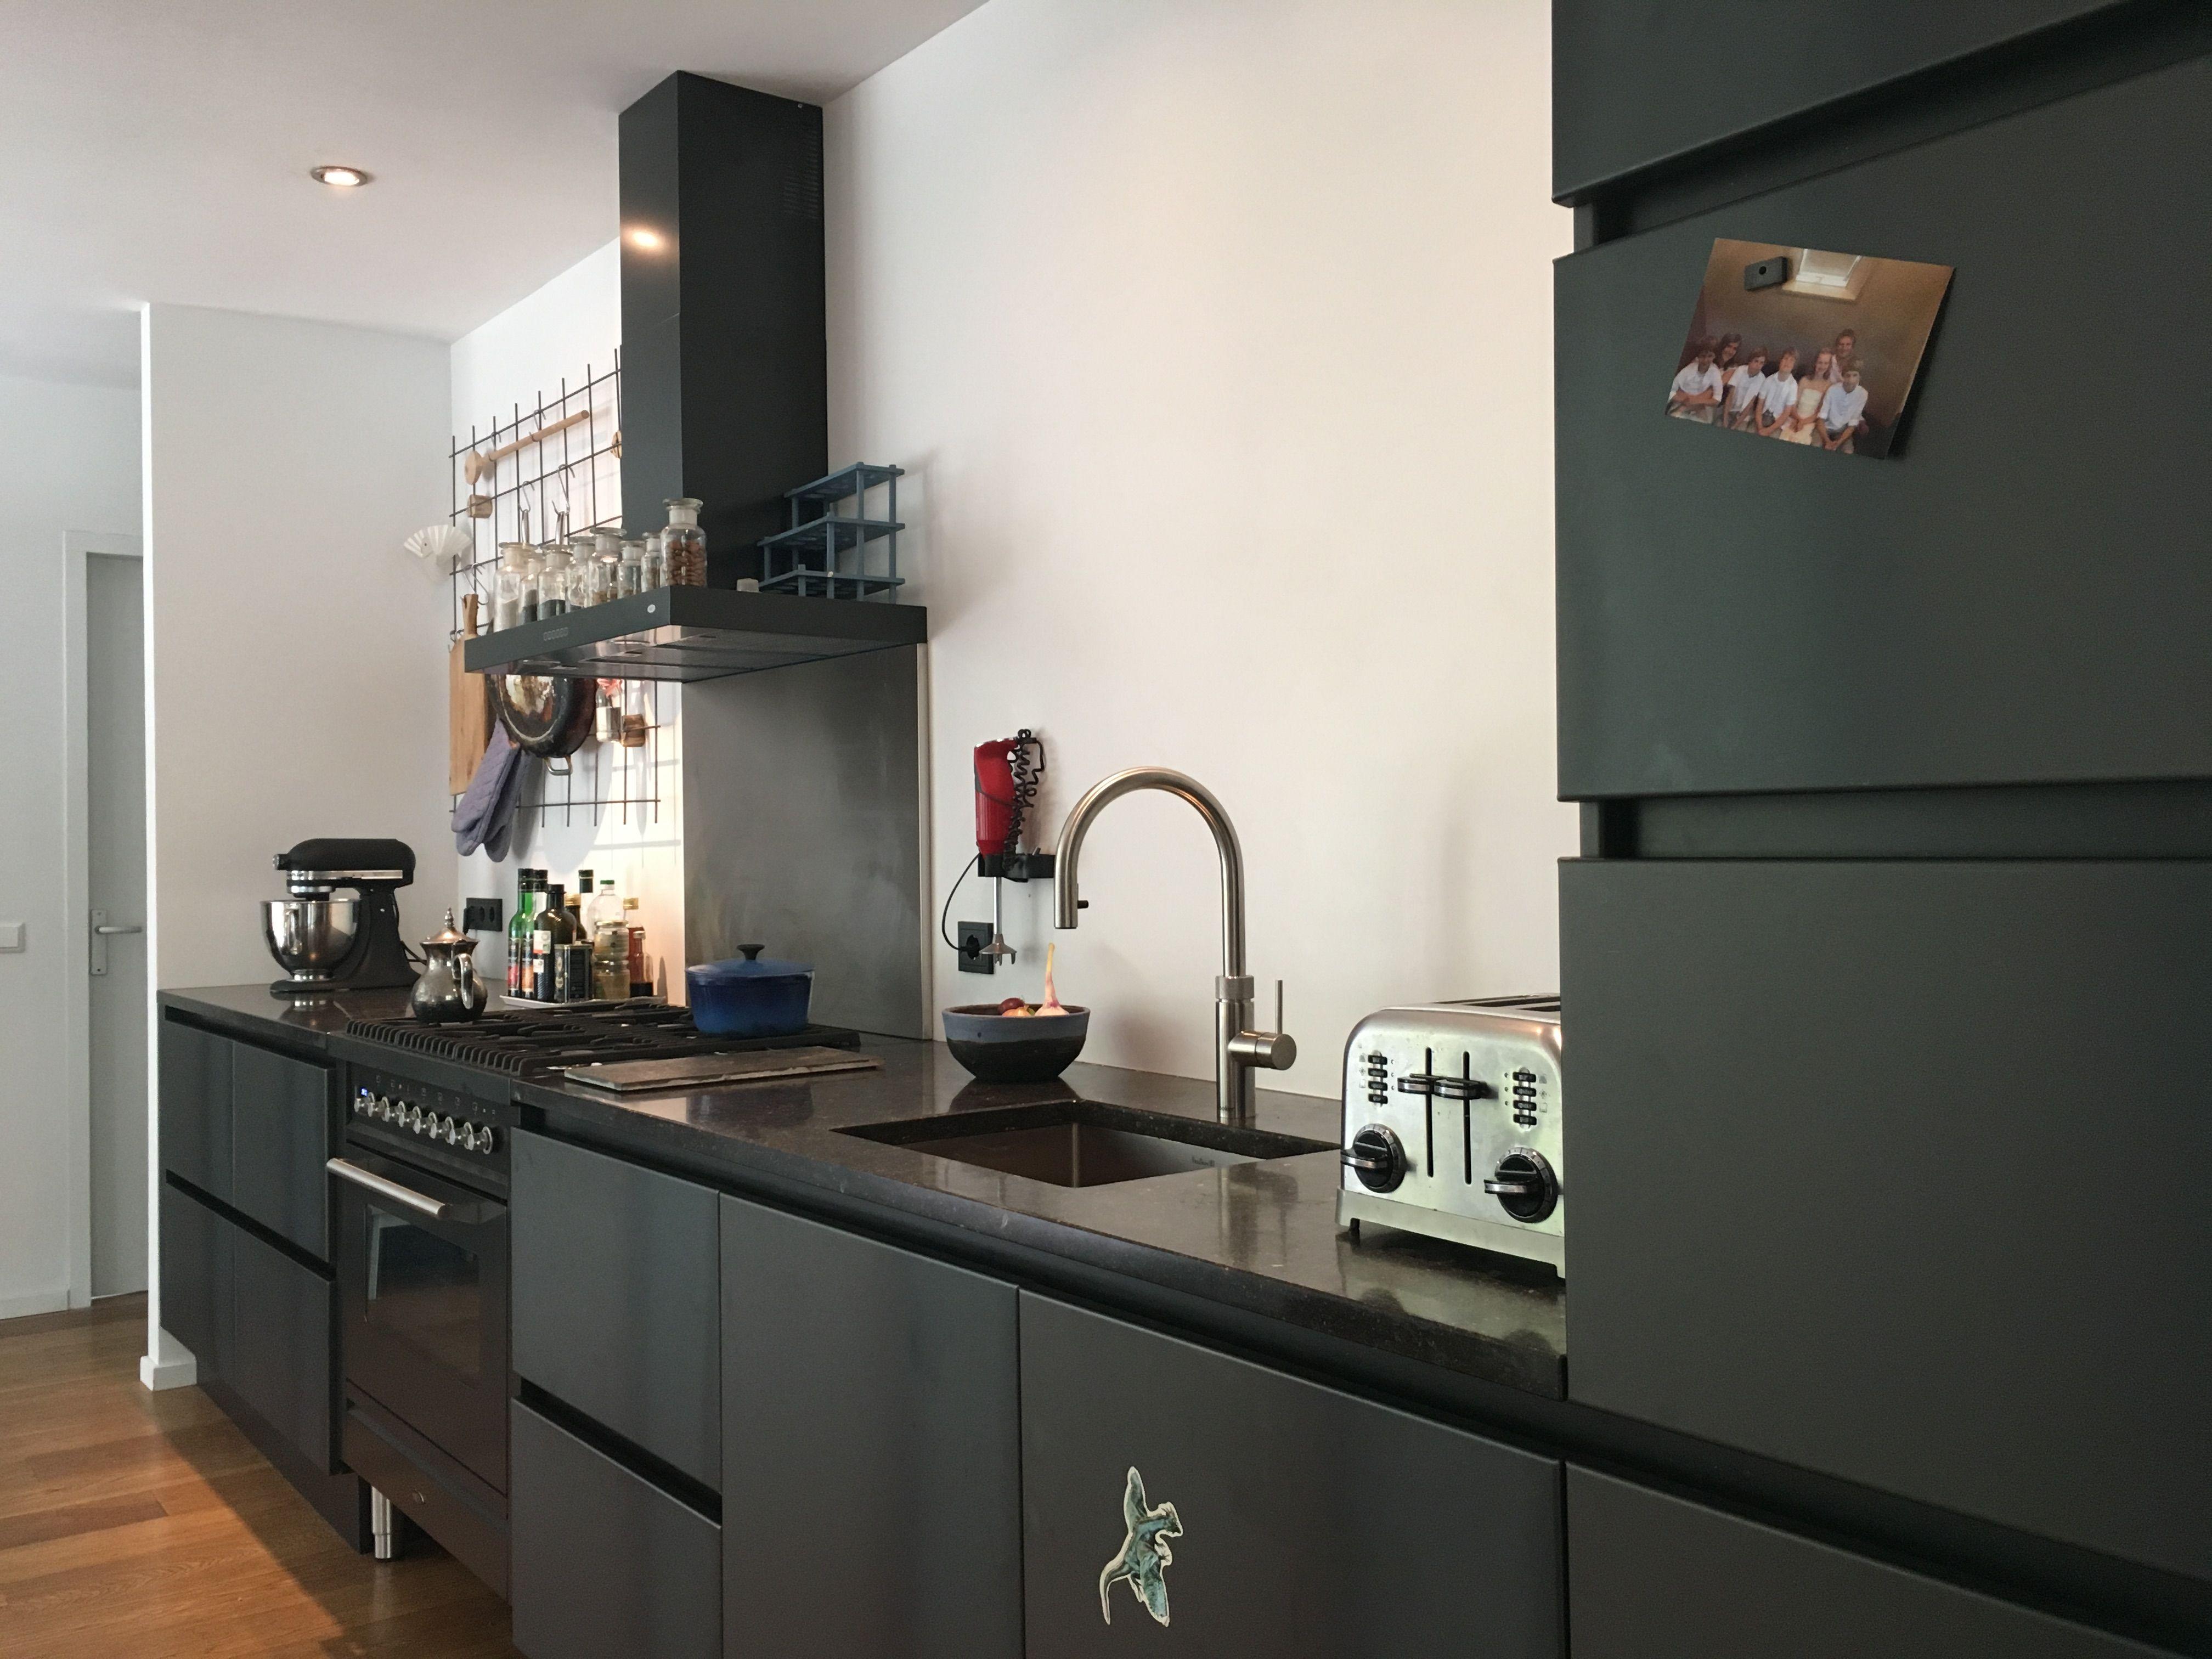 Keuken mat zwart next nx keukenstudio maassluis